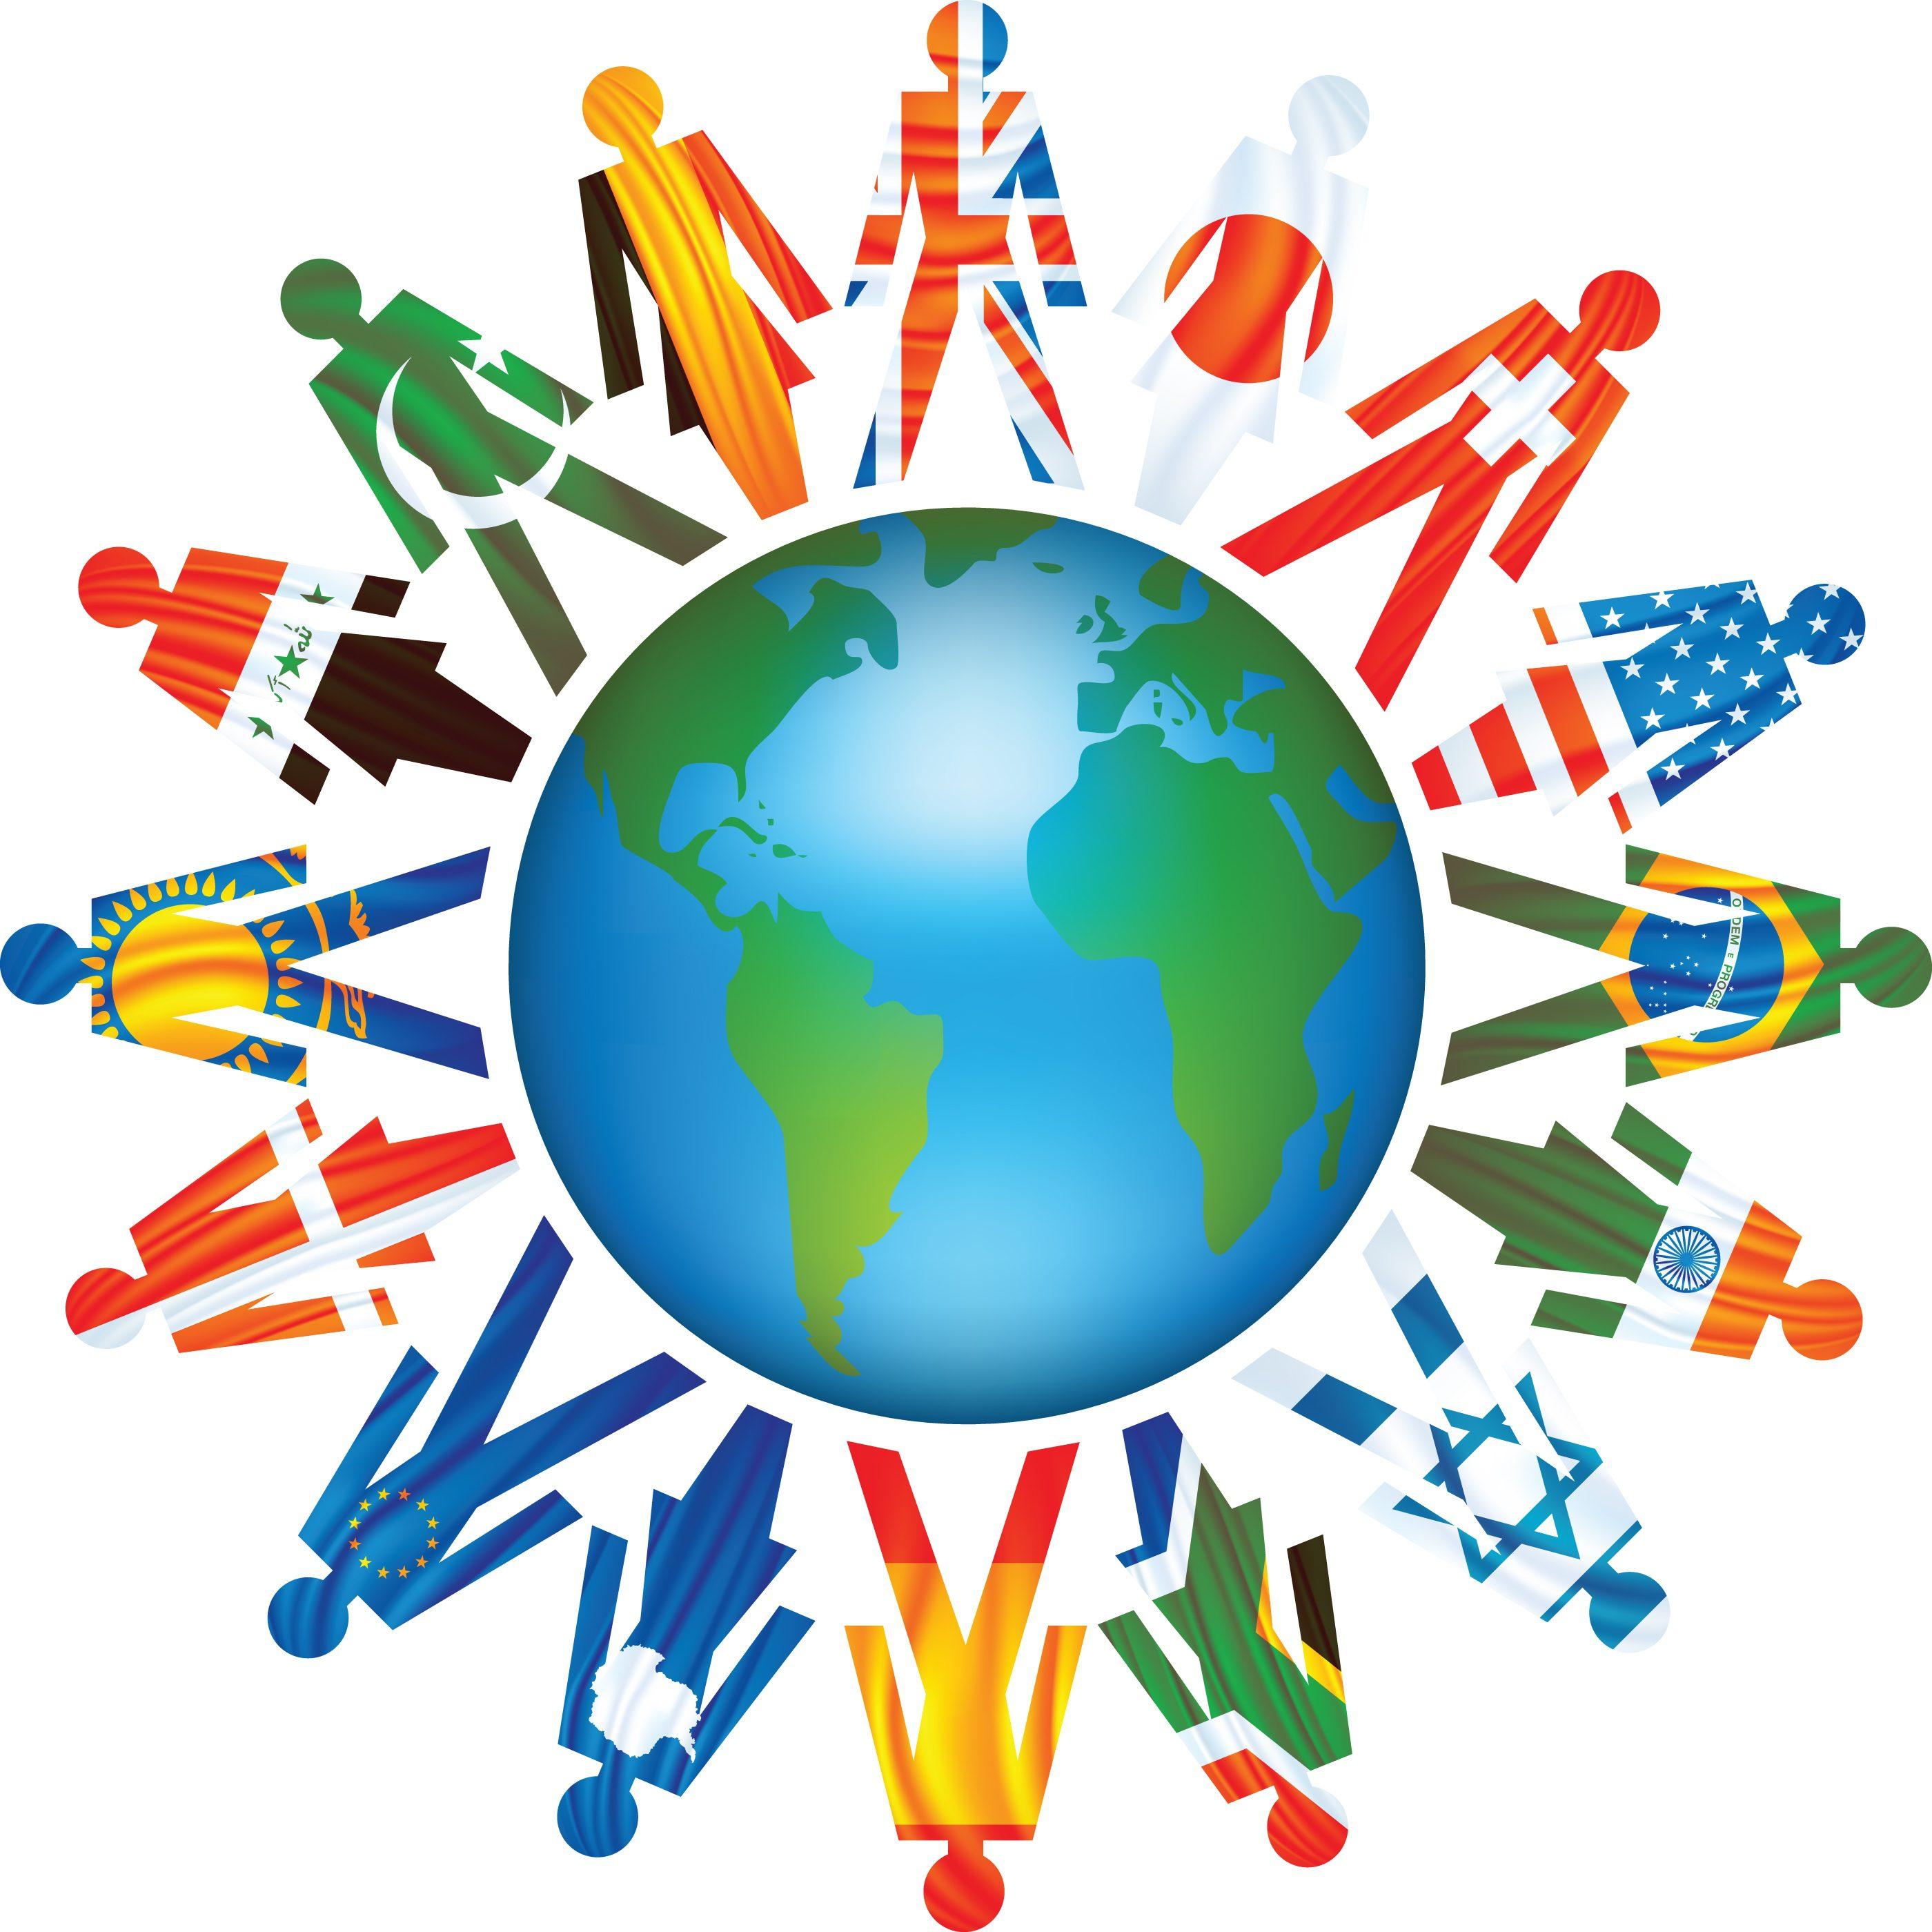 Livemocha e il mondo senza barriere